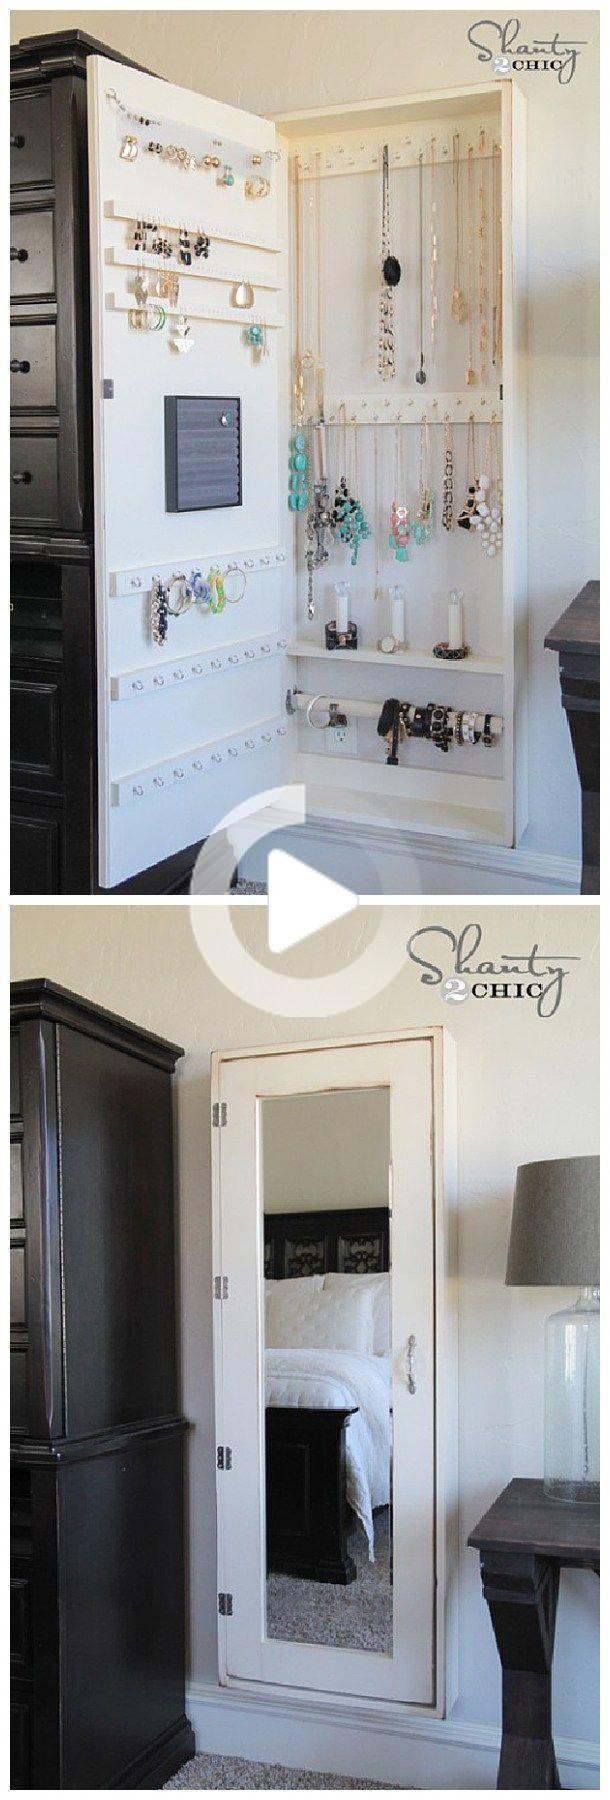 Diy Bathroom Organization Ideas Diy Jewelry Organizer Cabinet And In Full Diy Bathroom Organization Ideas In 2020 Schrank Organizer Diy Badezimmer Diy Schrank